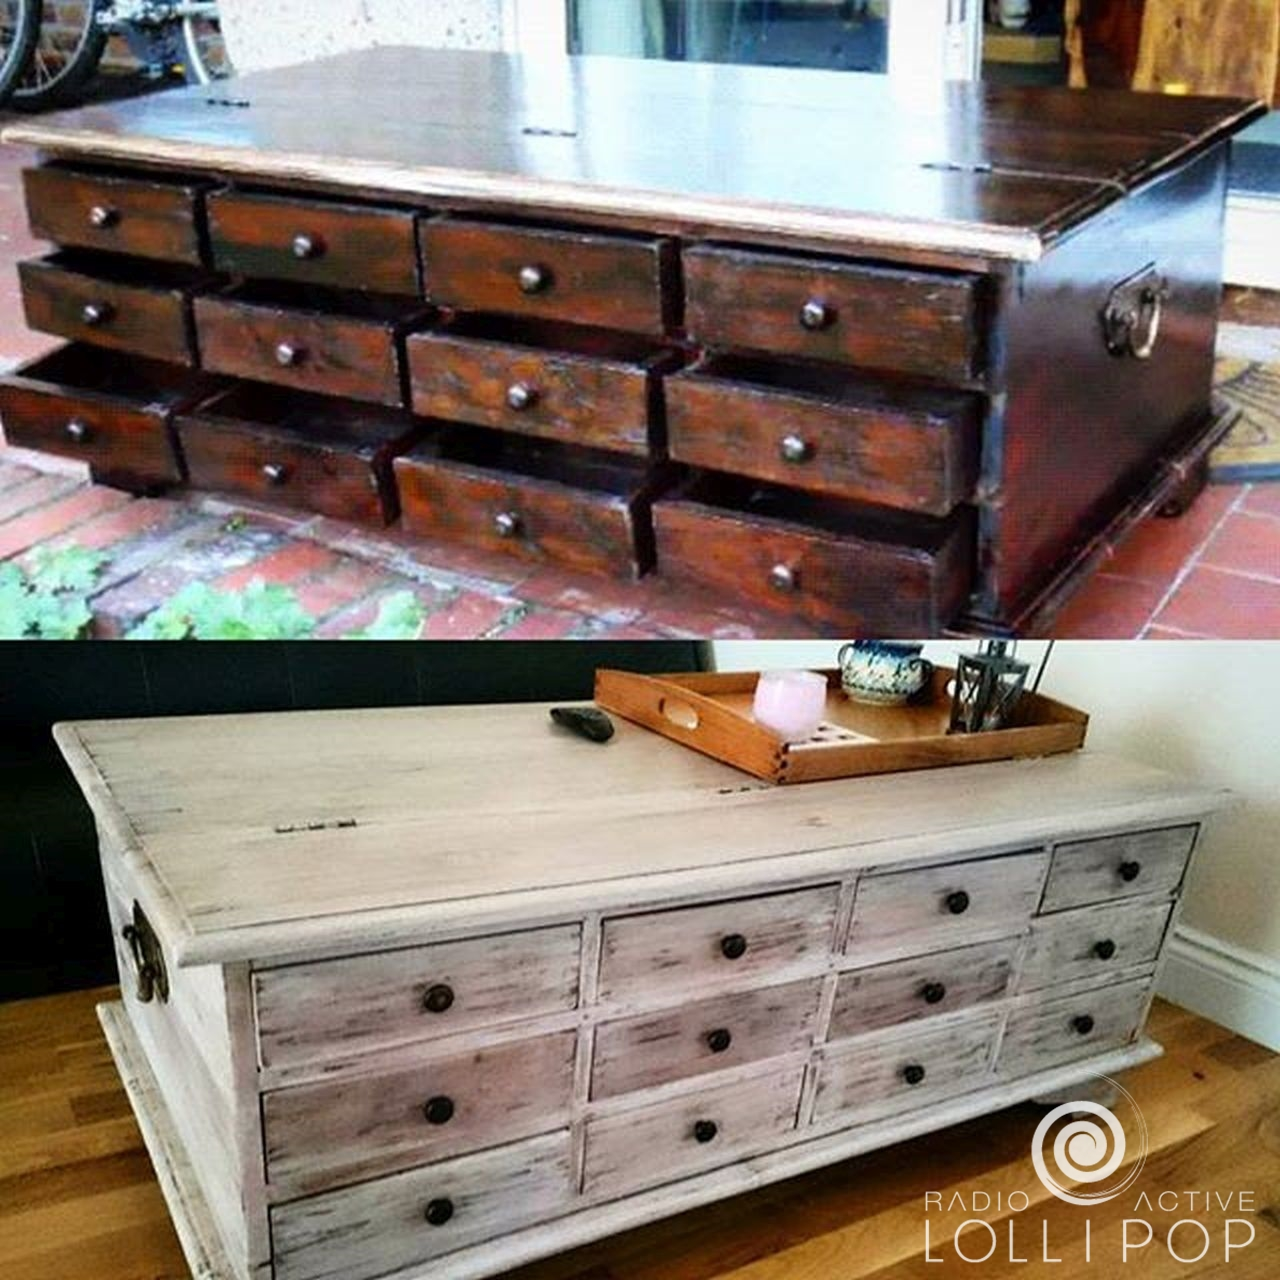 Renowacja starej skrzyni - stolika do kawy. Vintage / retro / Shabby Chic Style (DUŻO ZDJĘĆ)